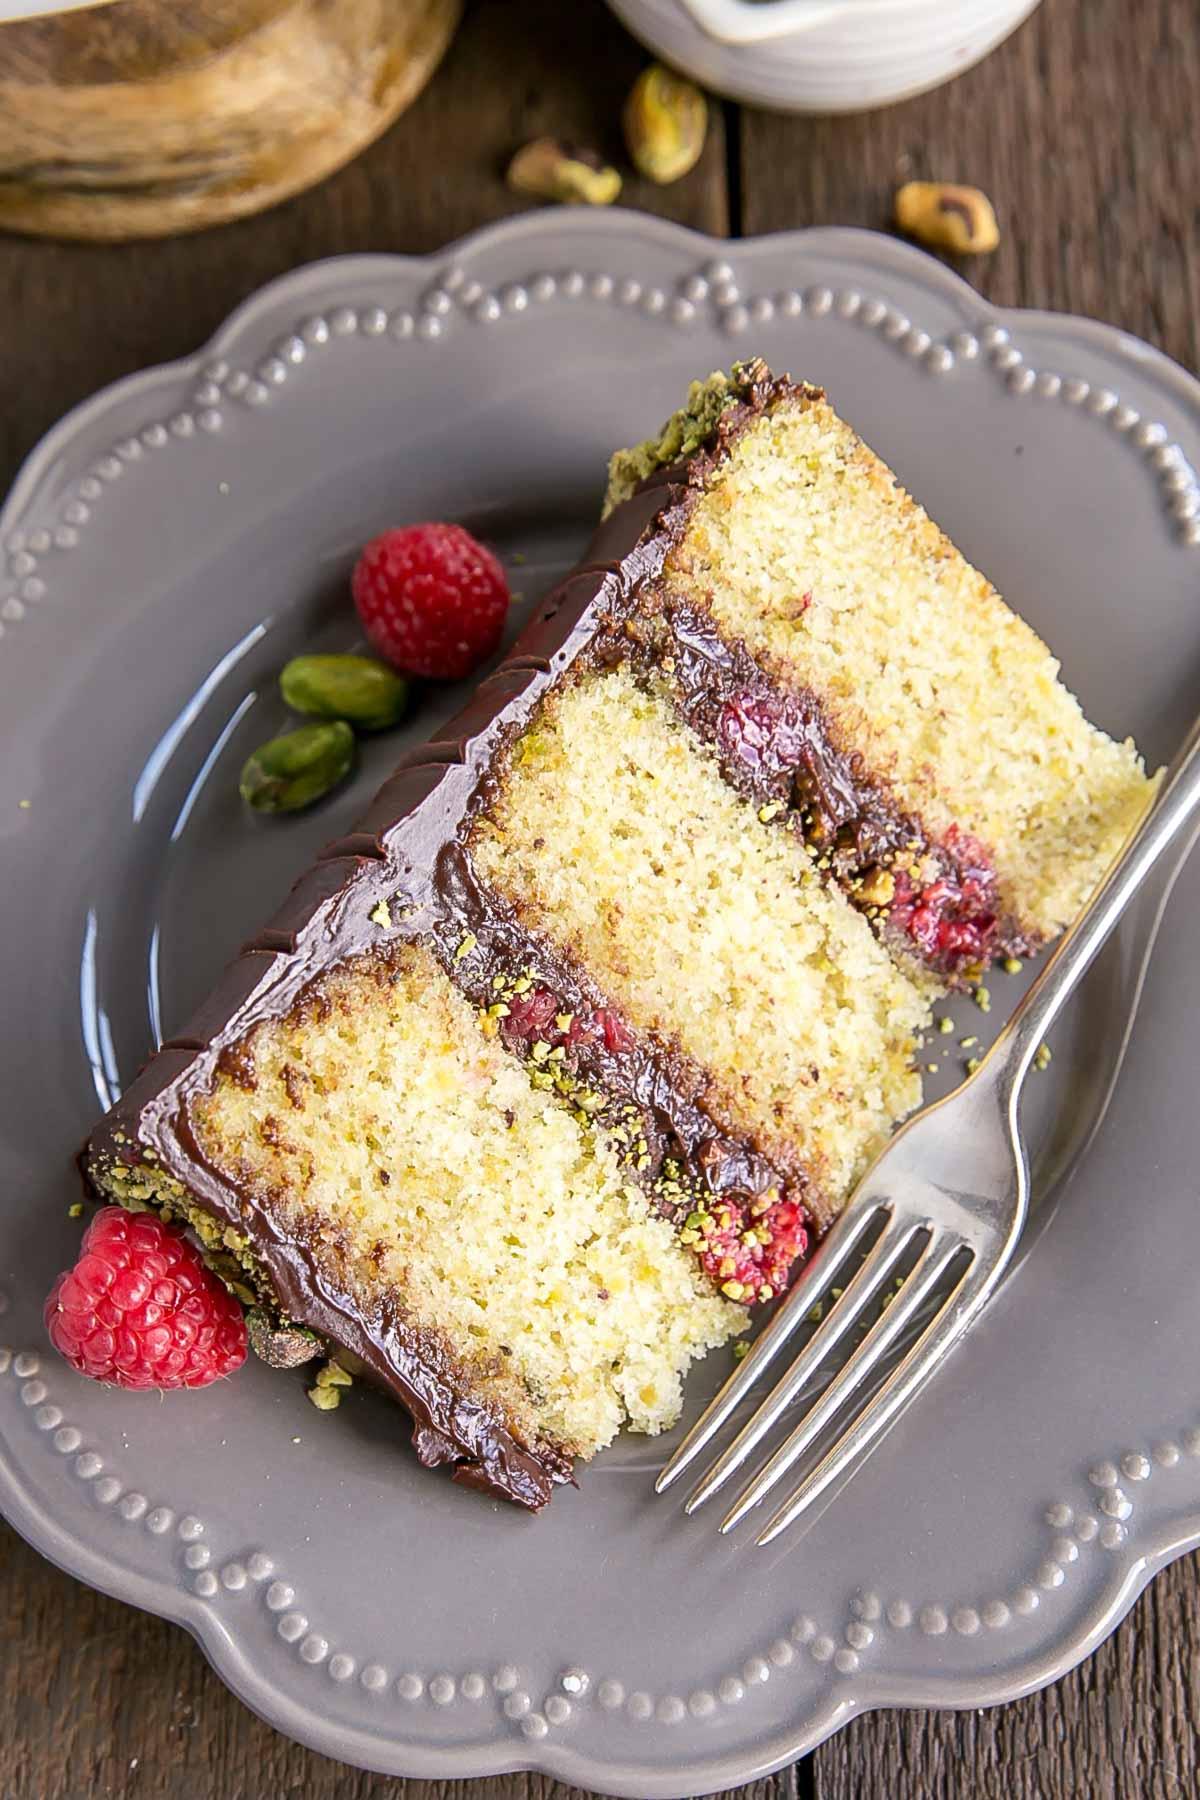 Cut slice of Pistachio Cake with Dark Chocolate Ganache and fresh Raspberries.